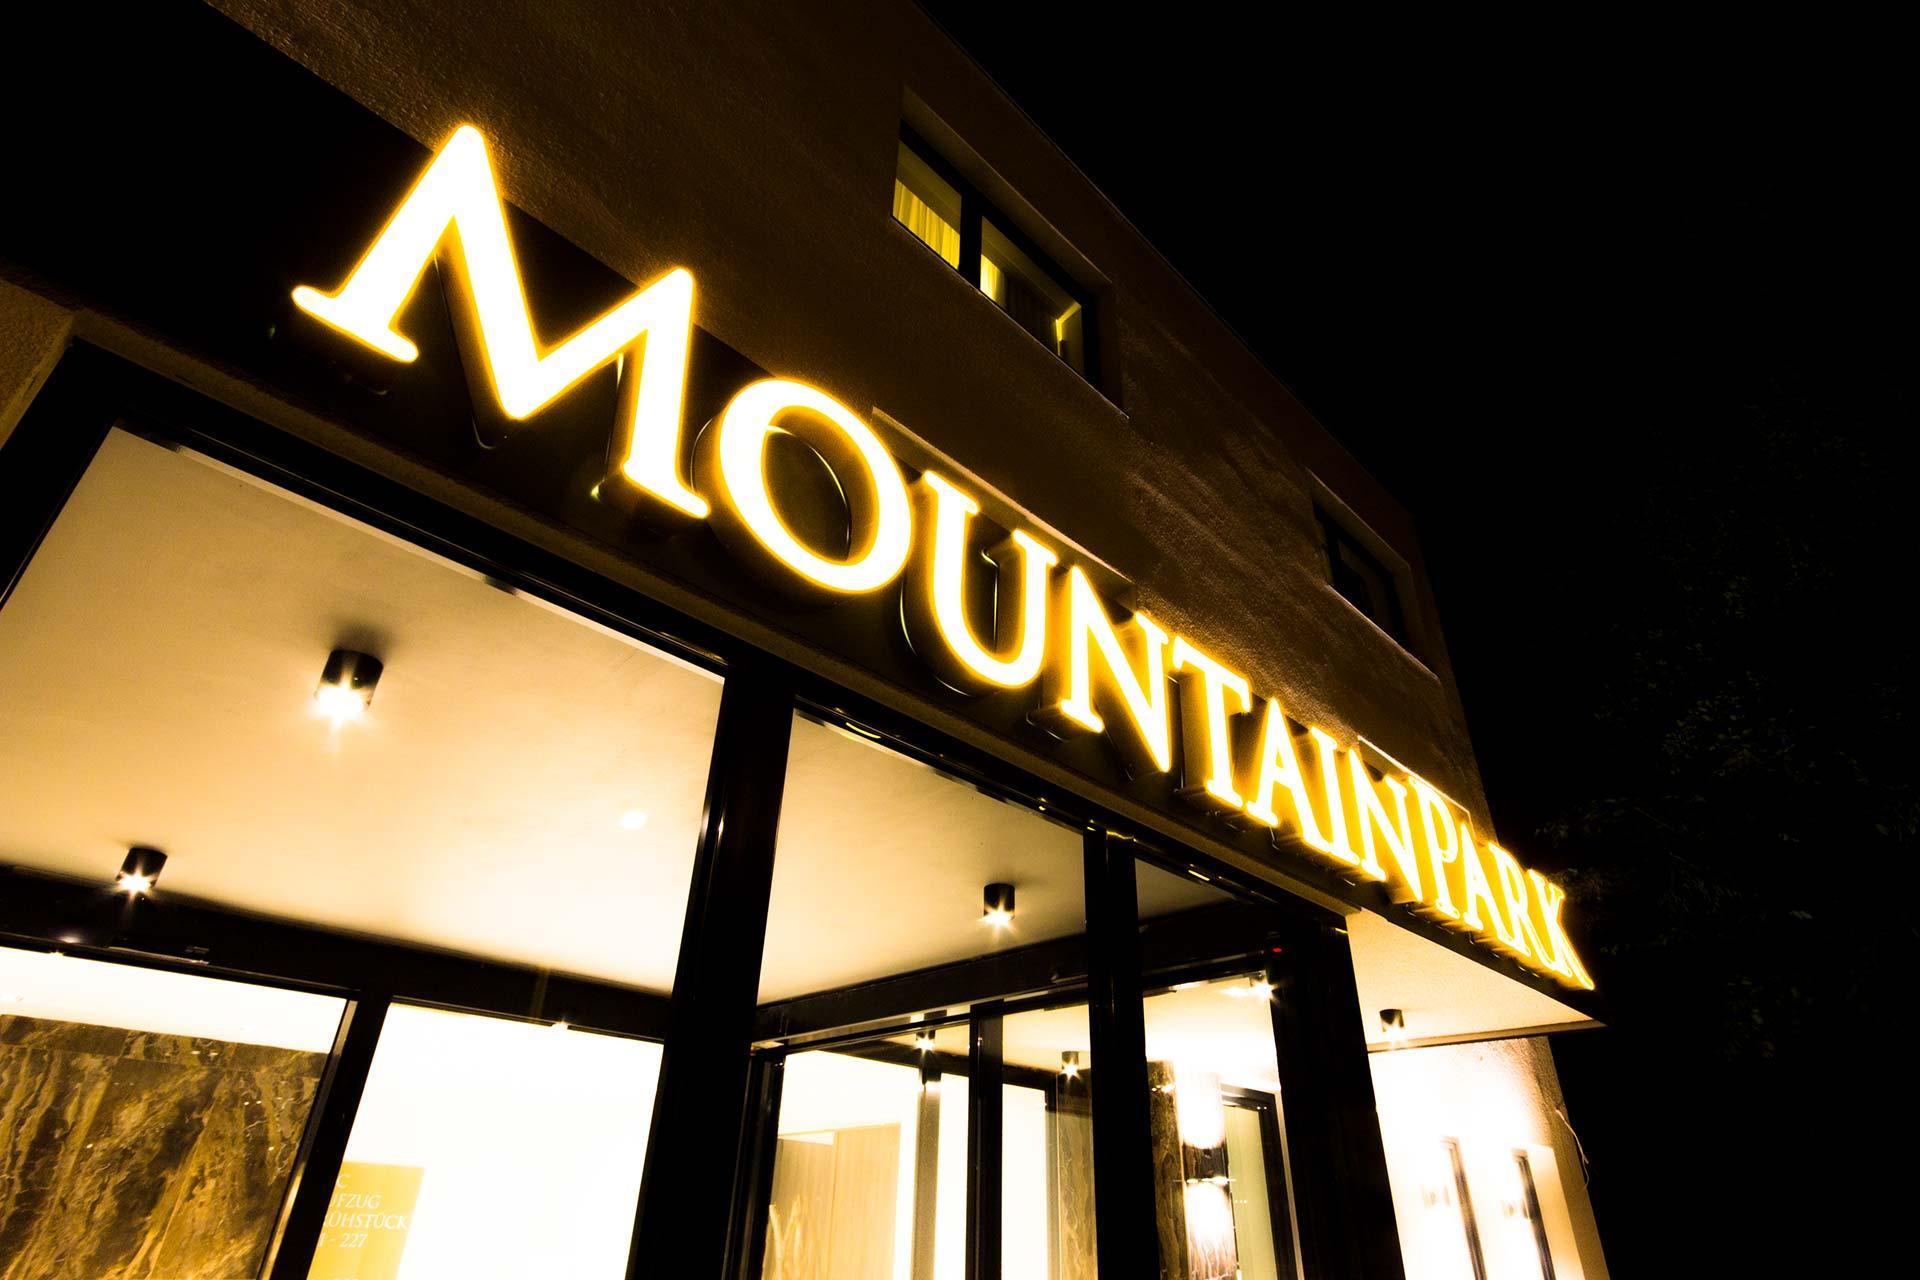 MountainPark Hotel Kassel, Kassel